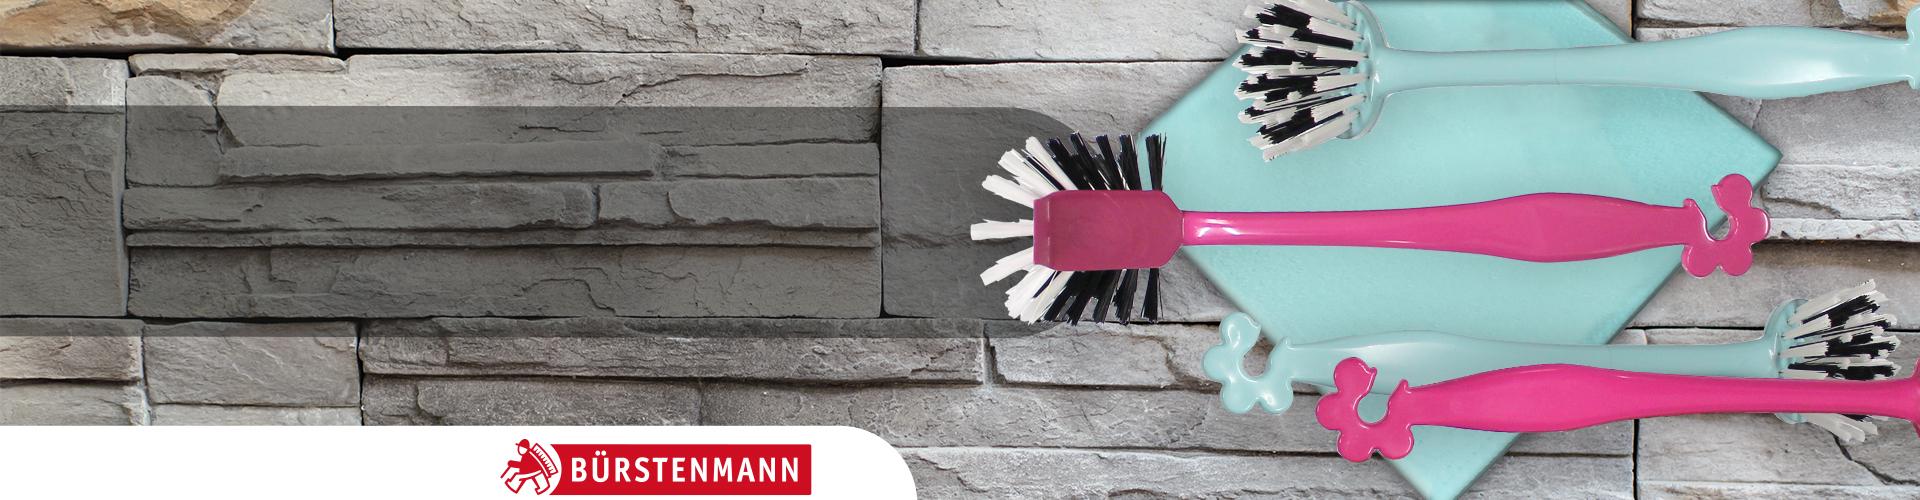 Bürstenmann GmbH: Haushaltwaren